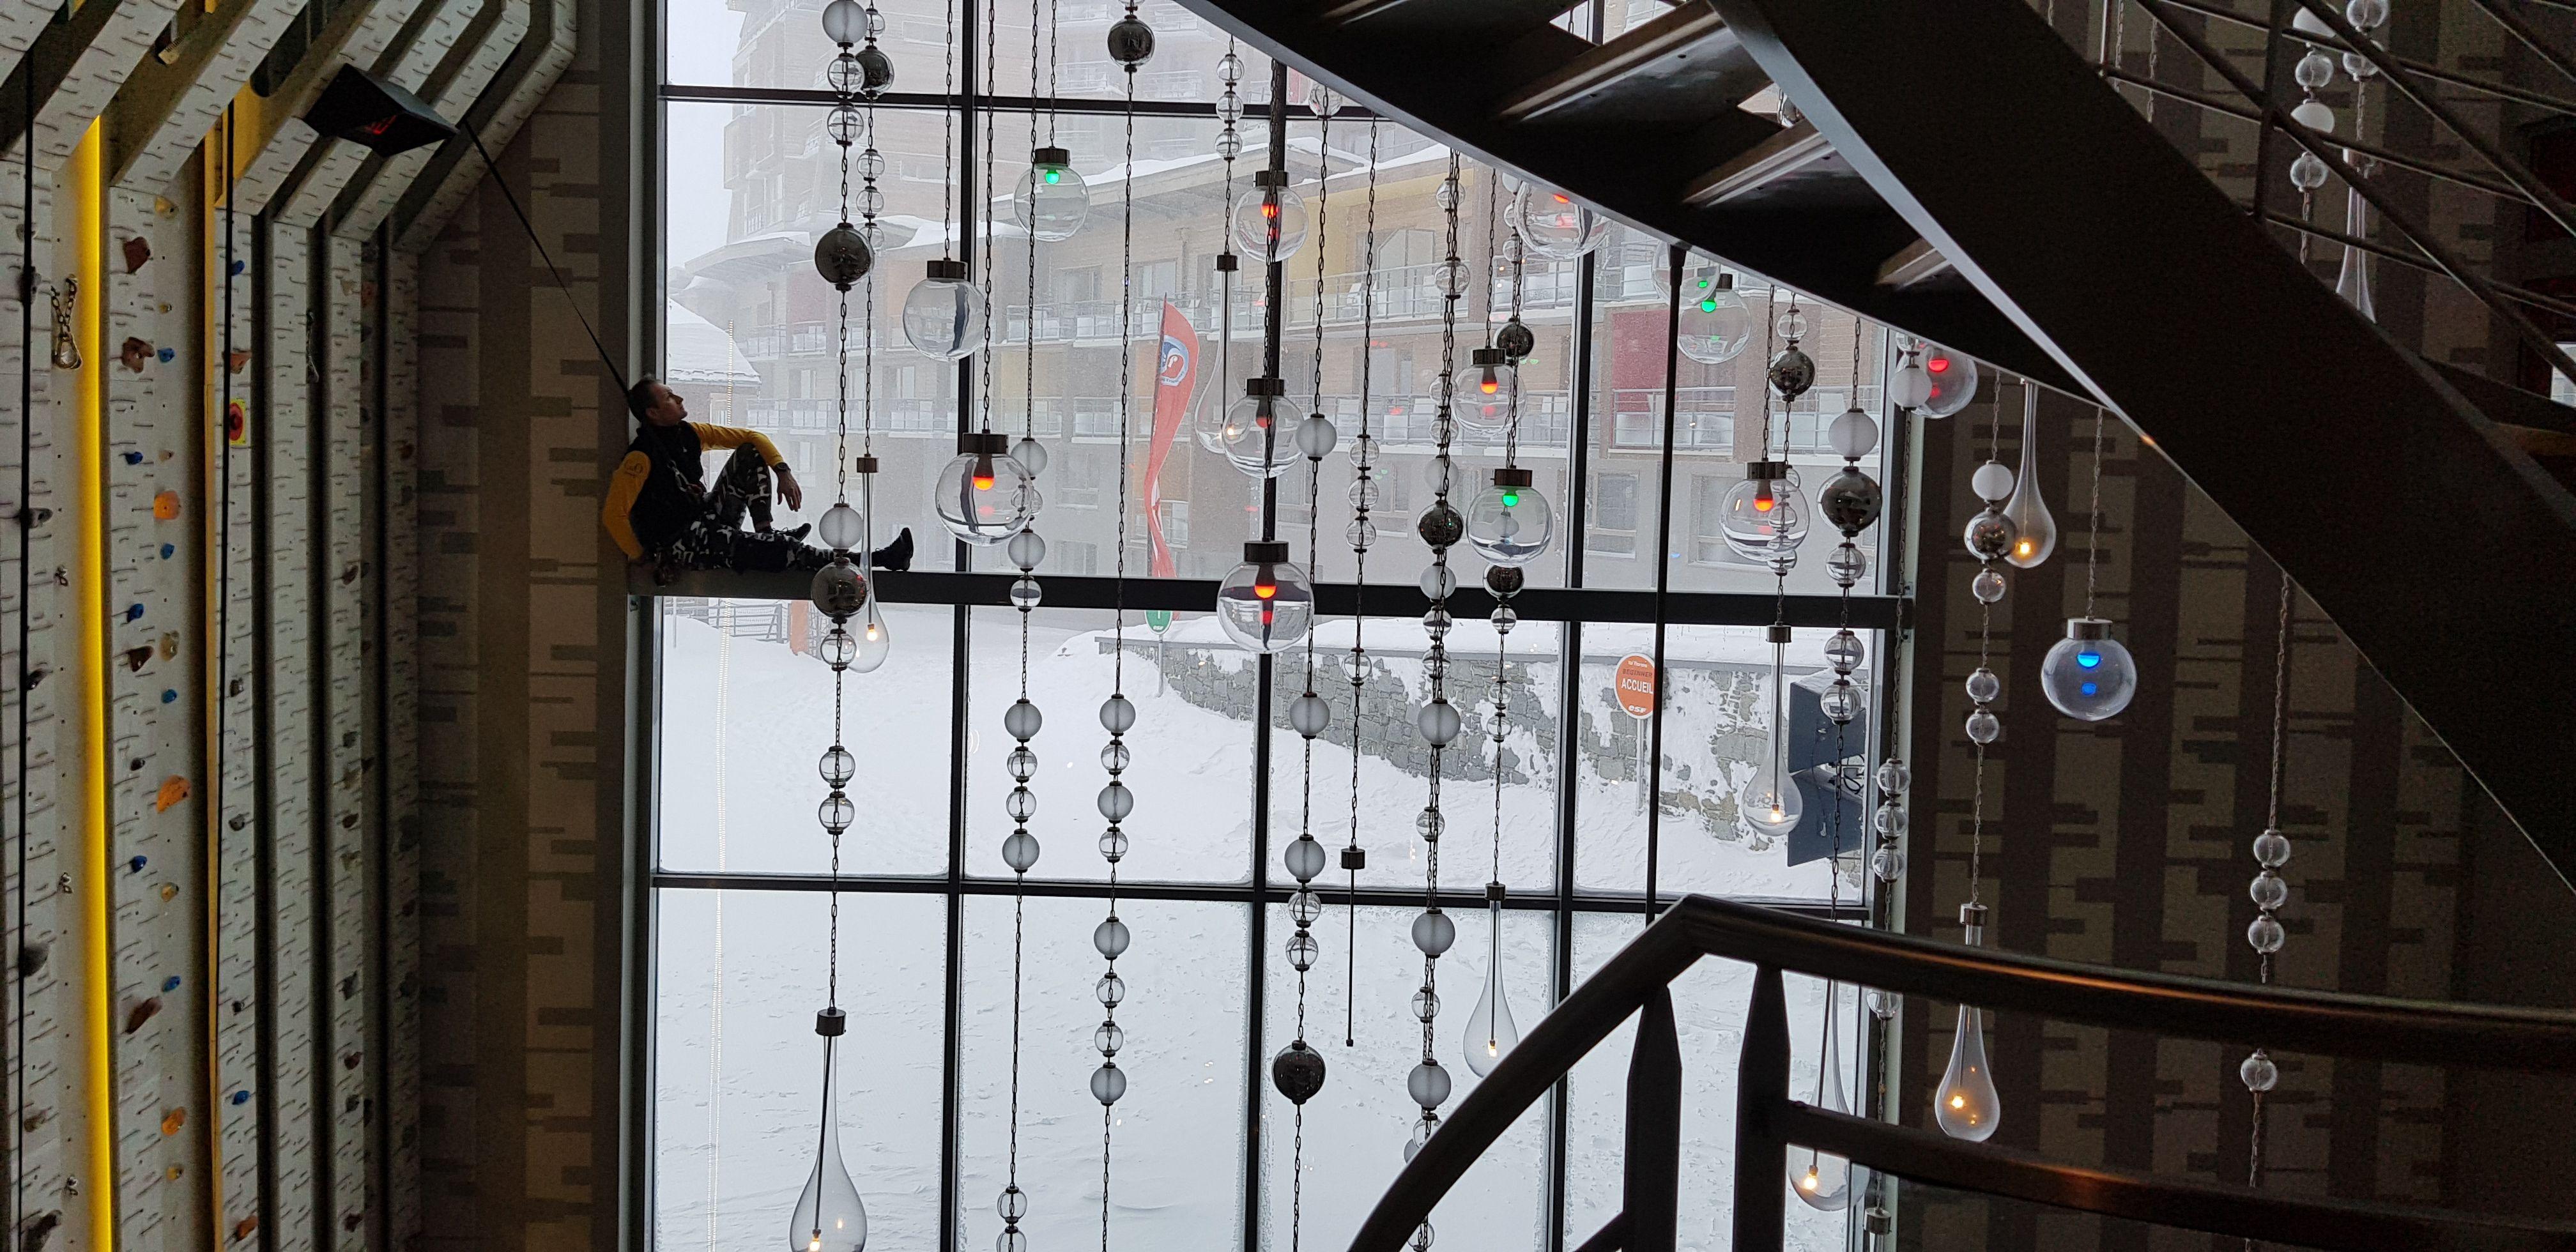 A la izquierda, la palestra, al lado del lobby. Afuera, un temporal de nieve que desplomó la temperatura hasta los 12 grados bajo cero.